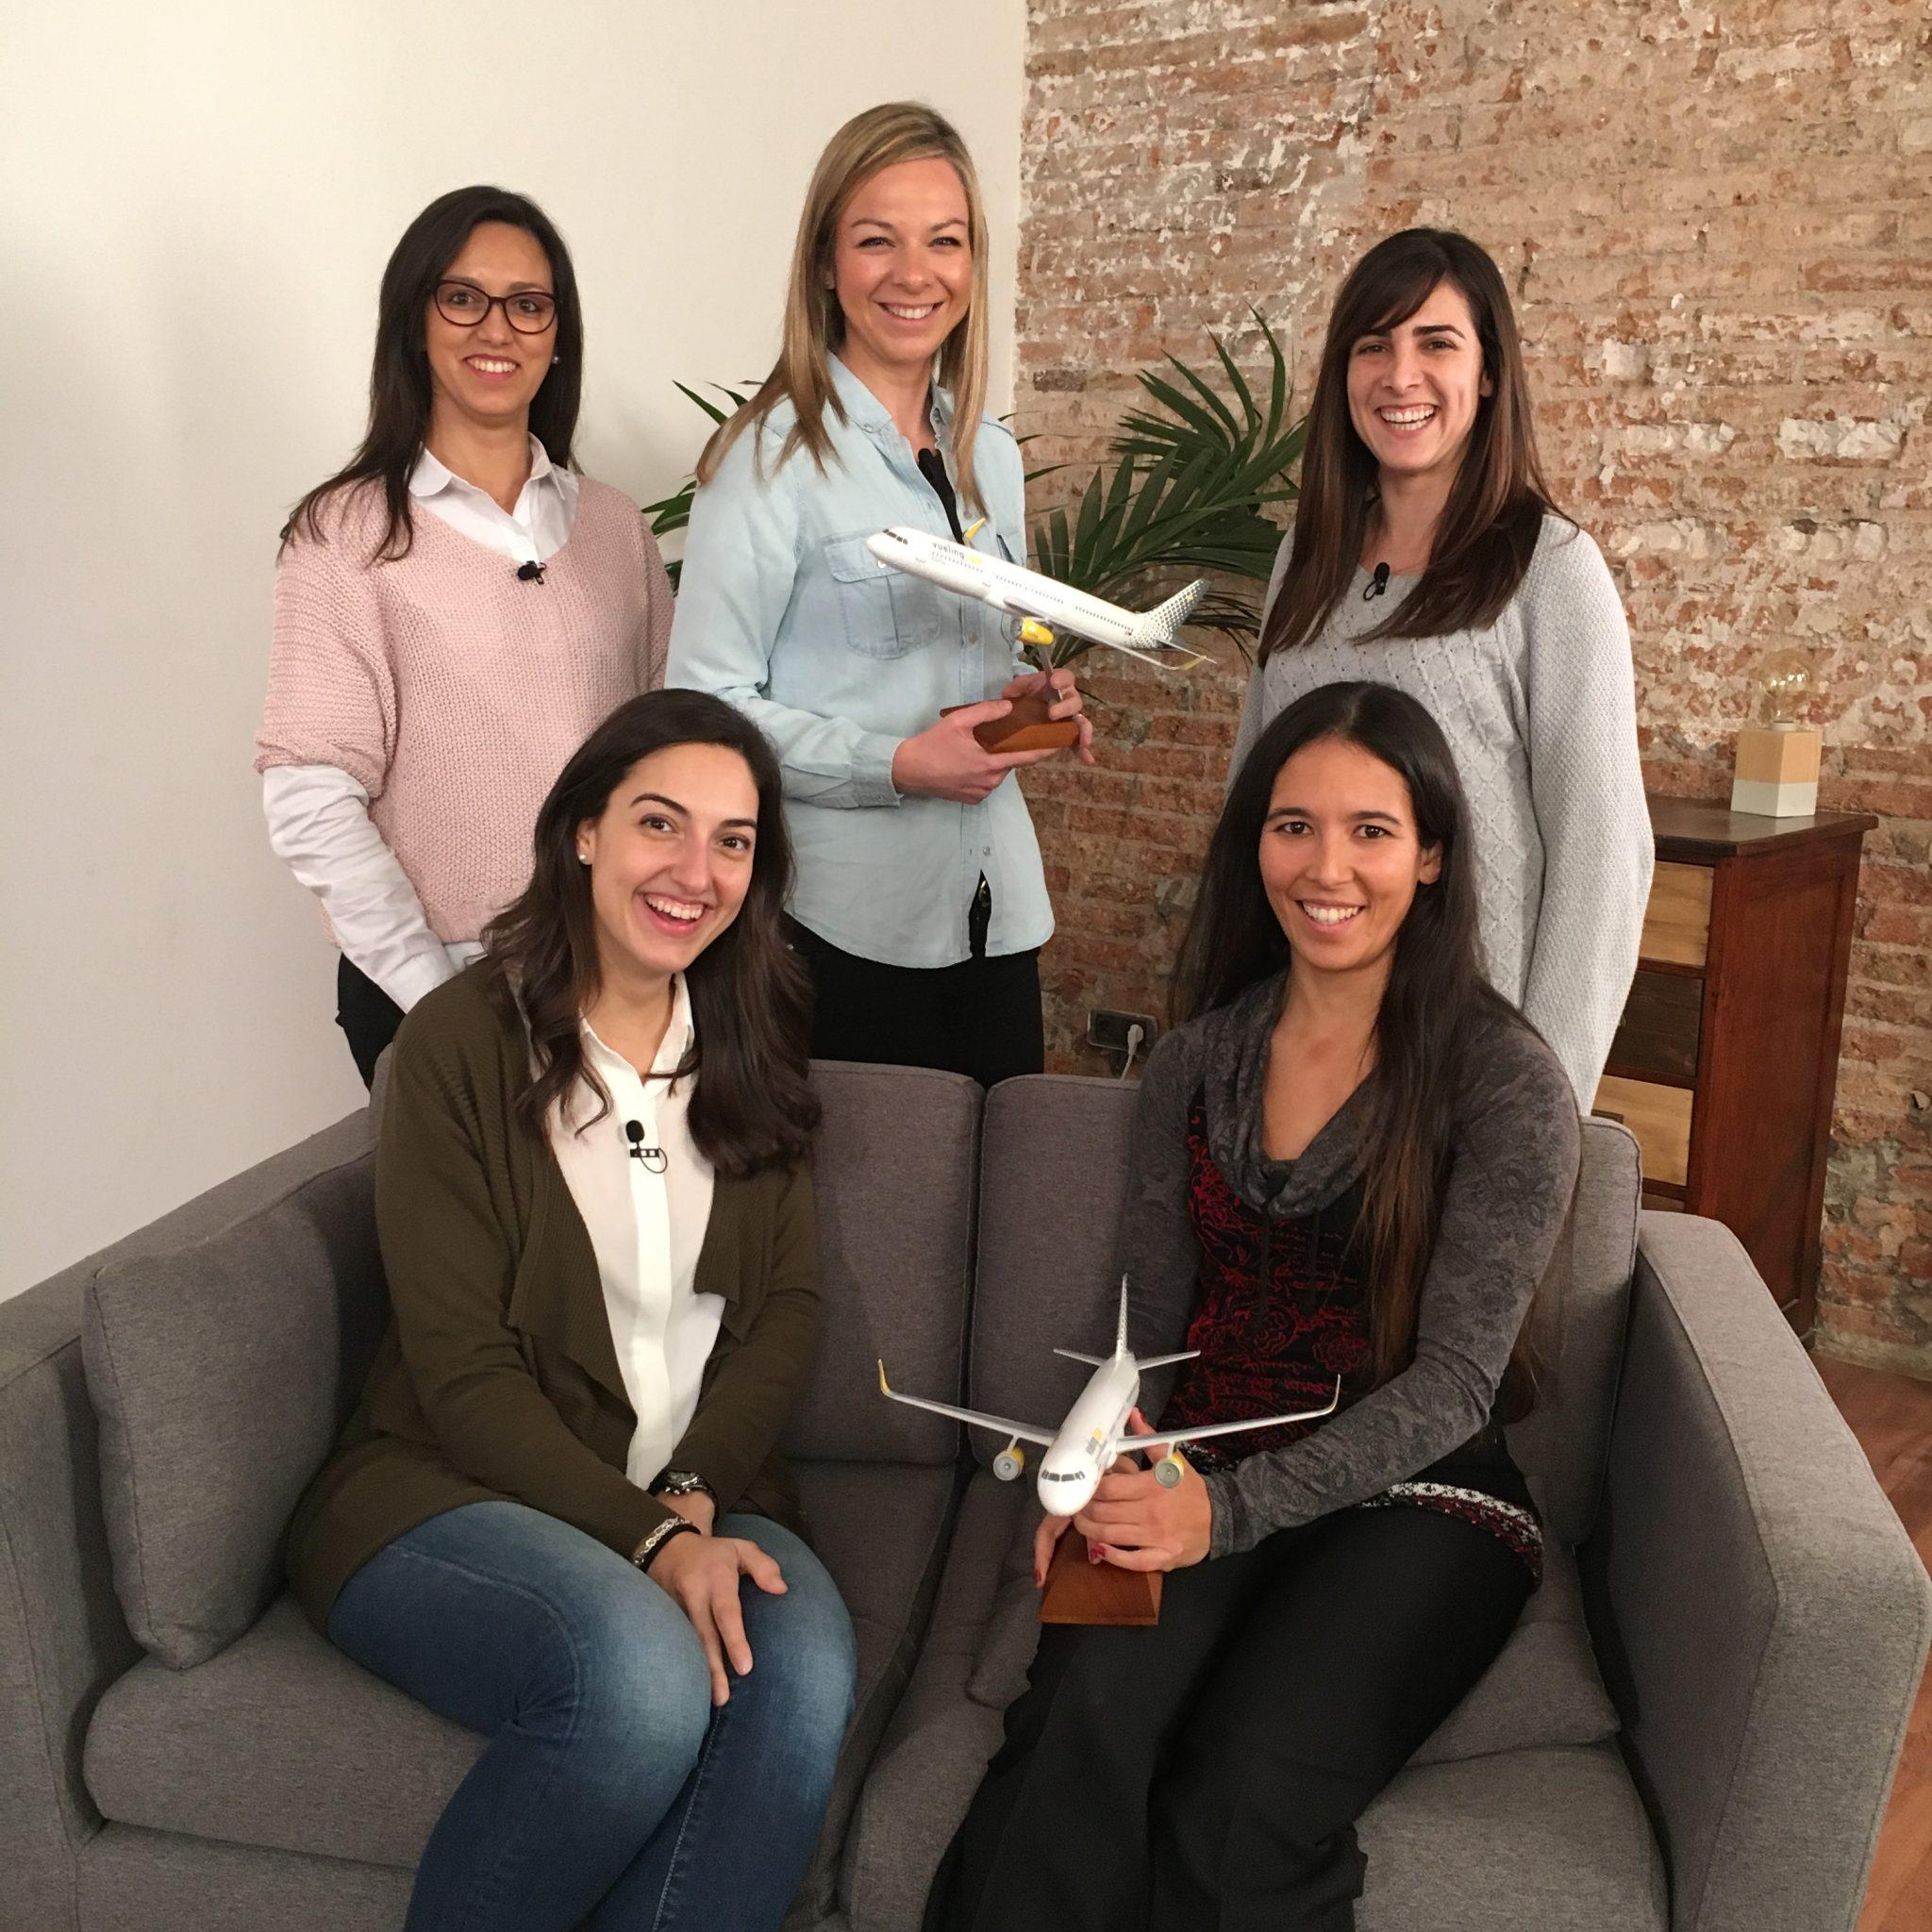 Vueling dobla el colectivo de mujeres piloto en el último año